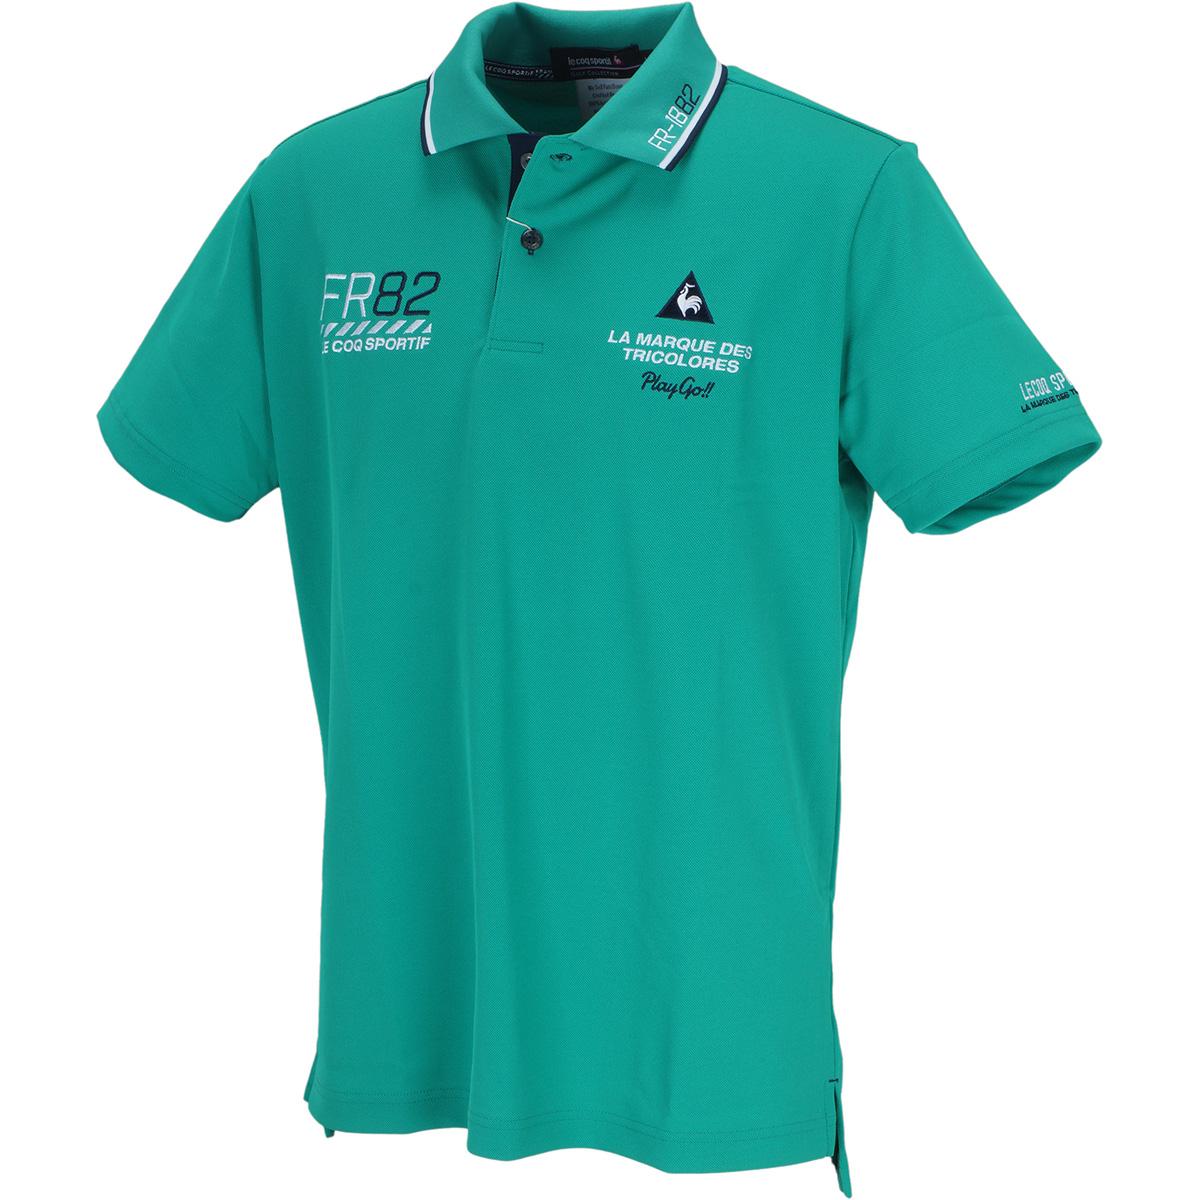 ドライ鹿の子シーズンマーキング 半袖ポロシャツ